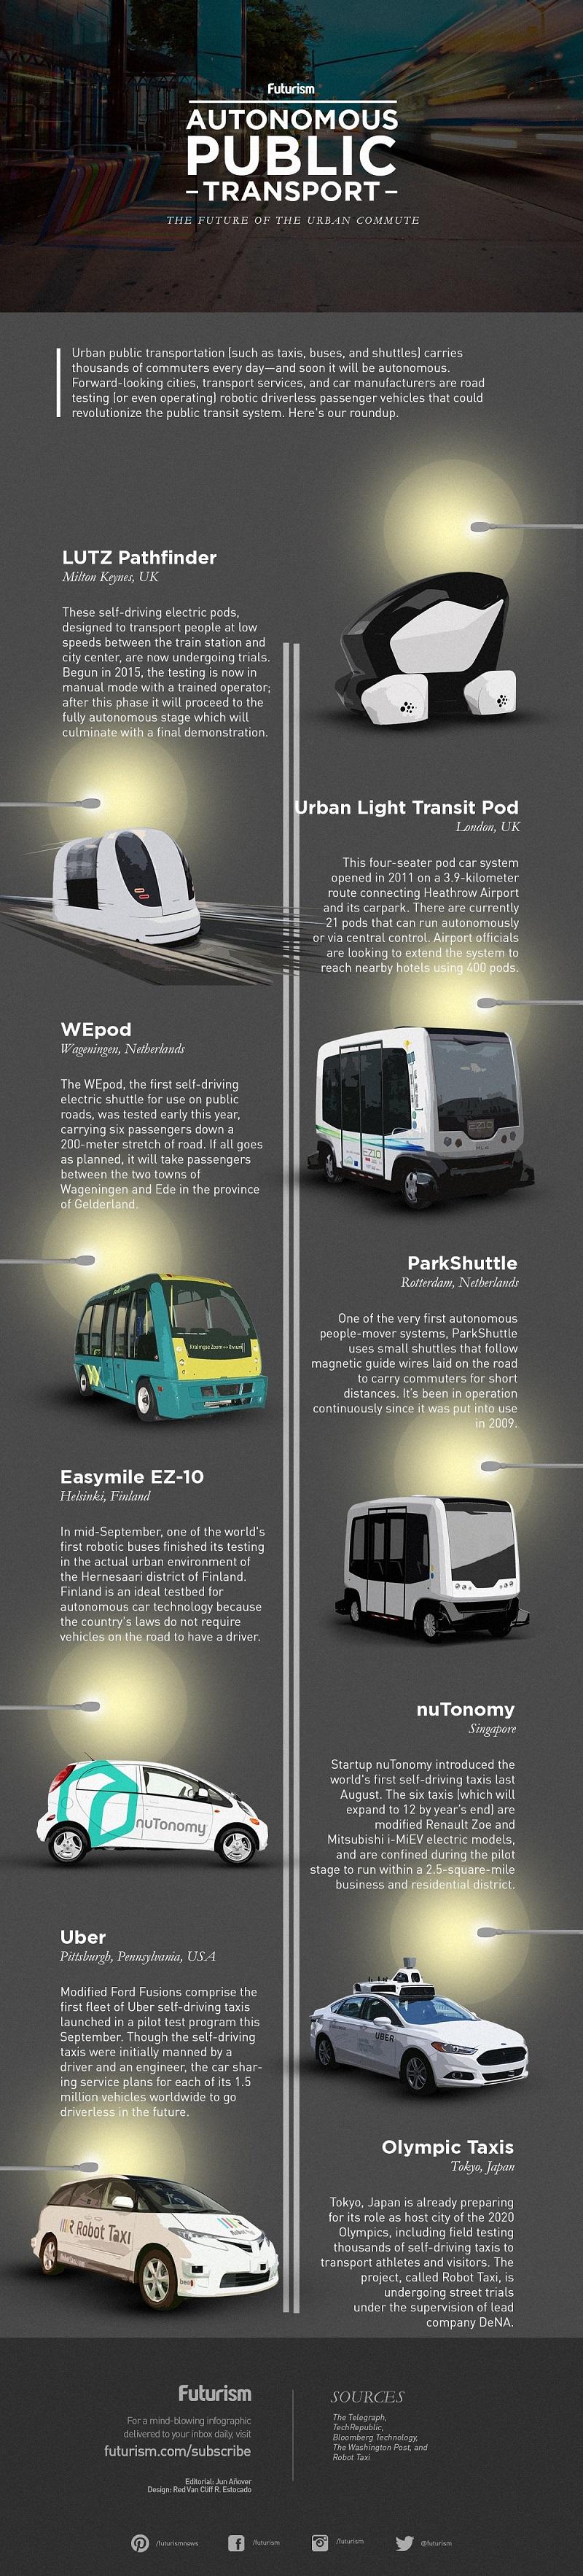 Autonomous Public Transport